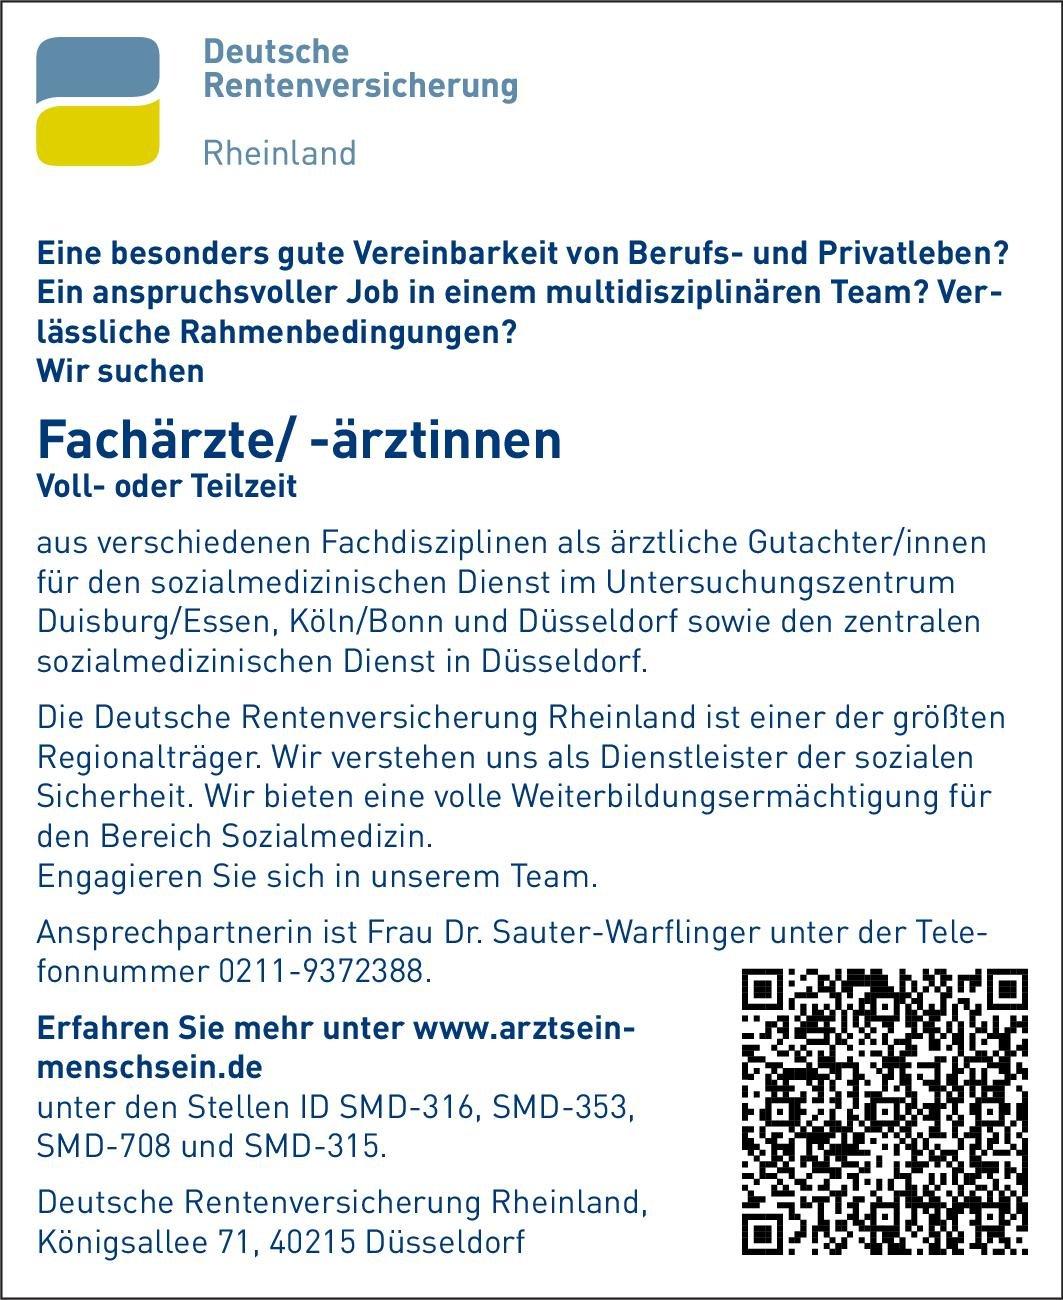 Stellenangebot Fachärztefachärztinnen Düsseldorf